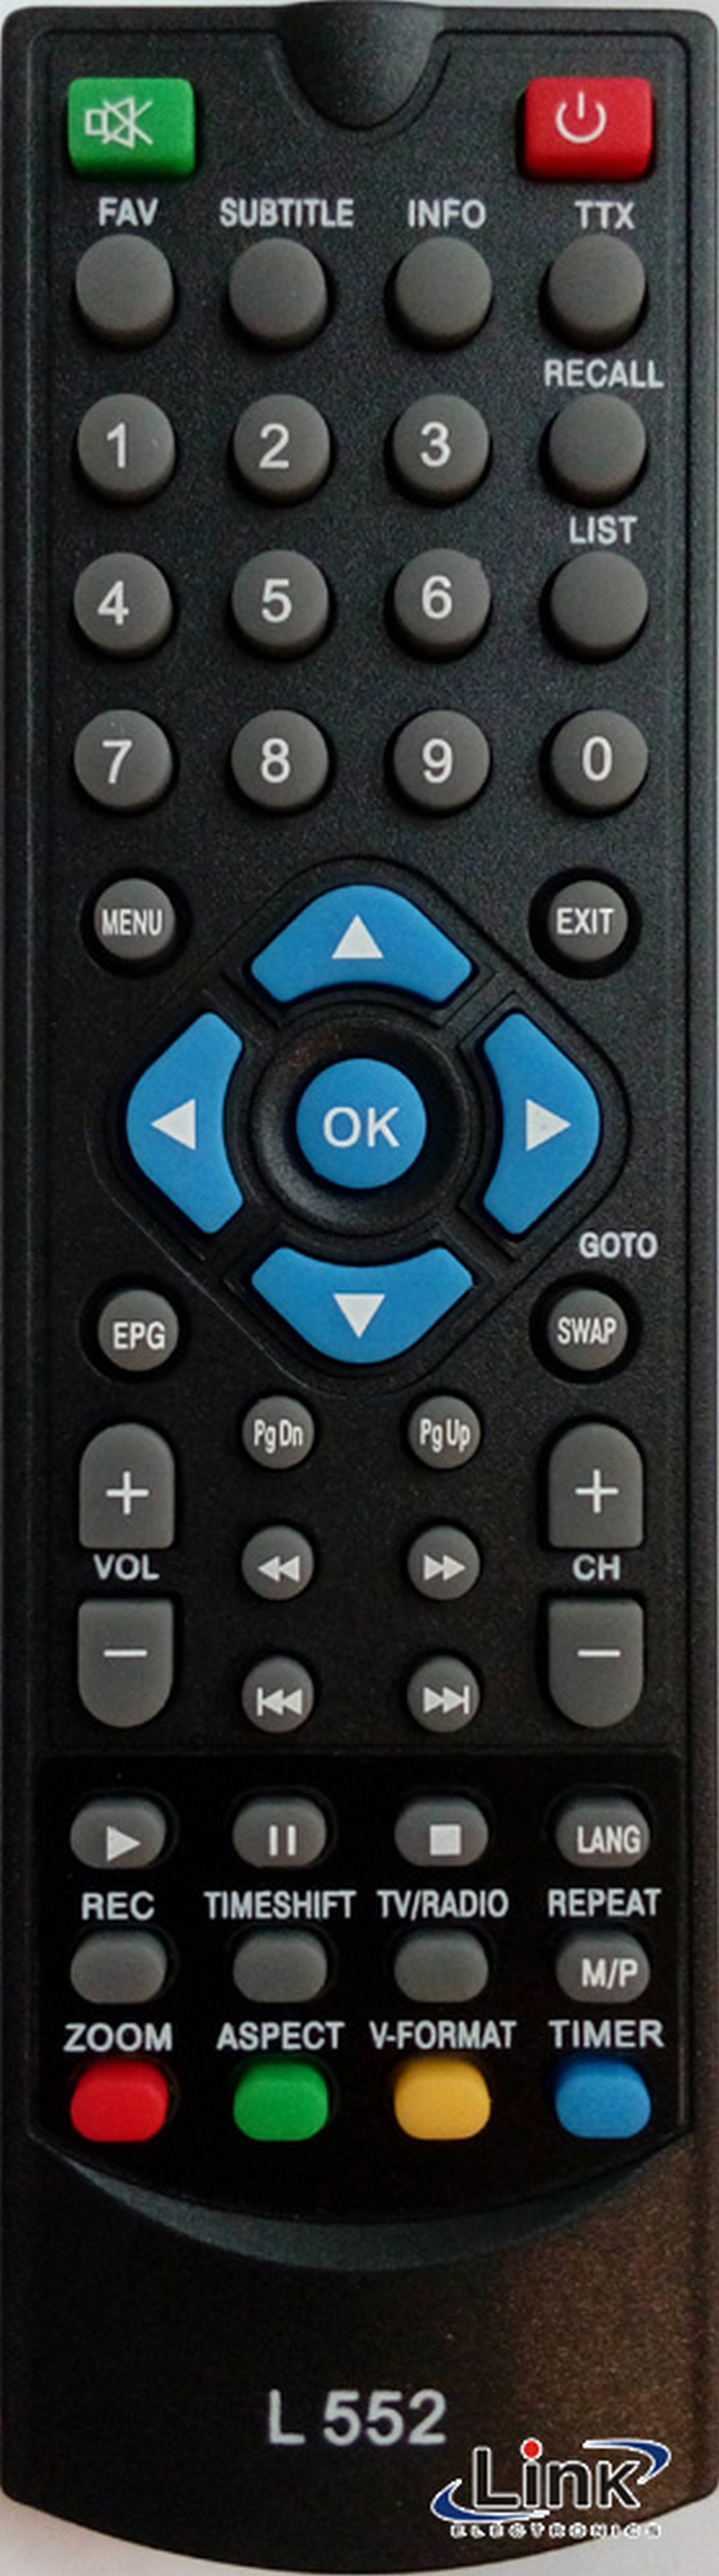 DVB-T2 STAR